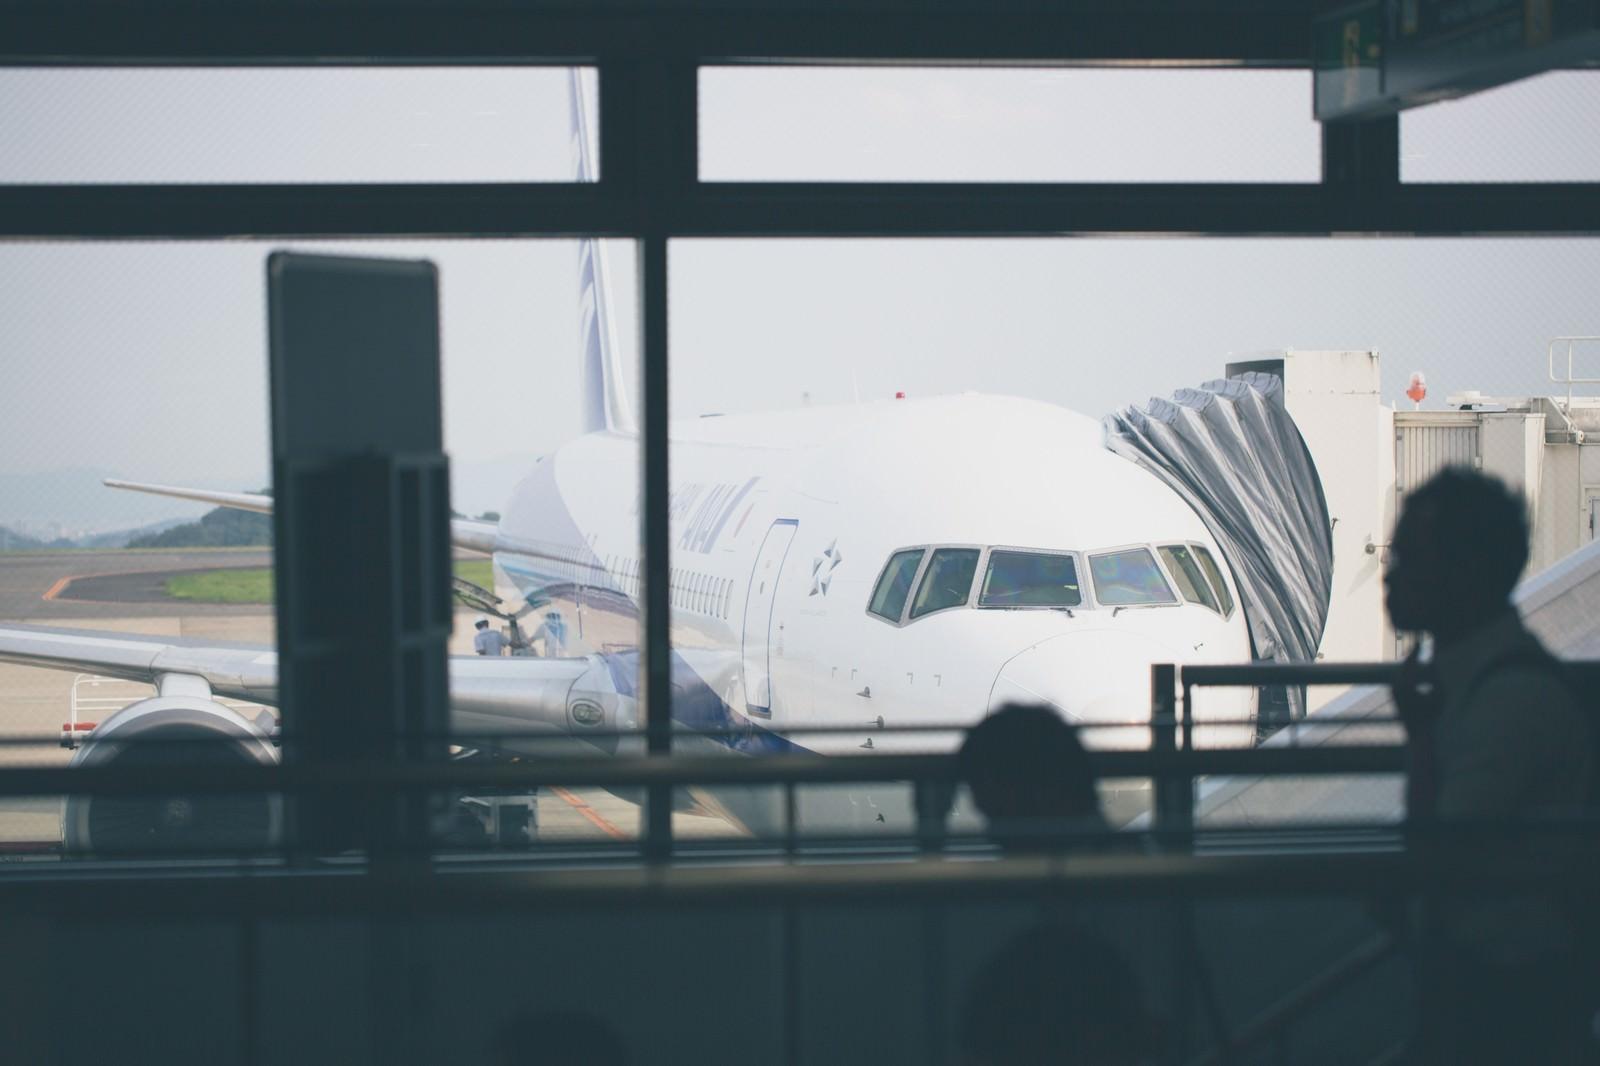 「旅客機と搭乗客」の写真